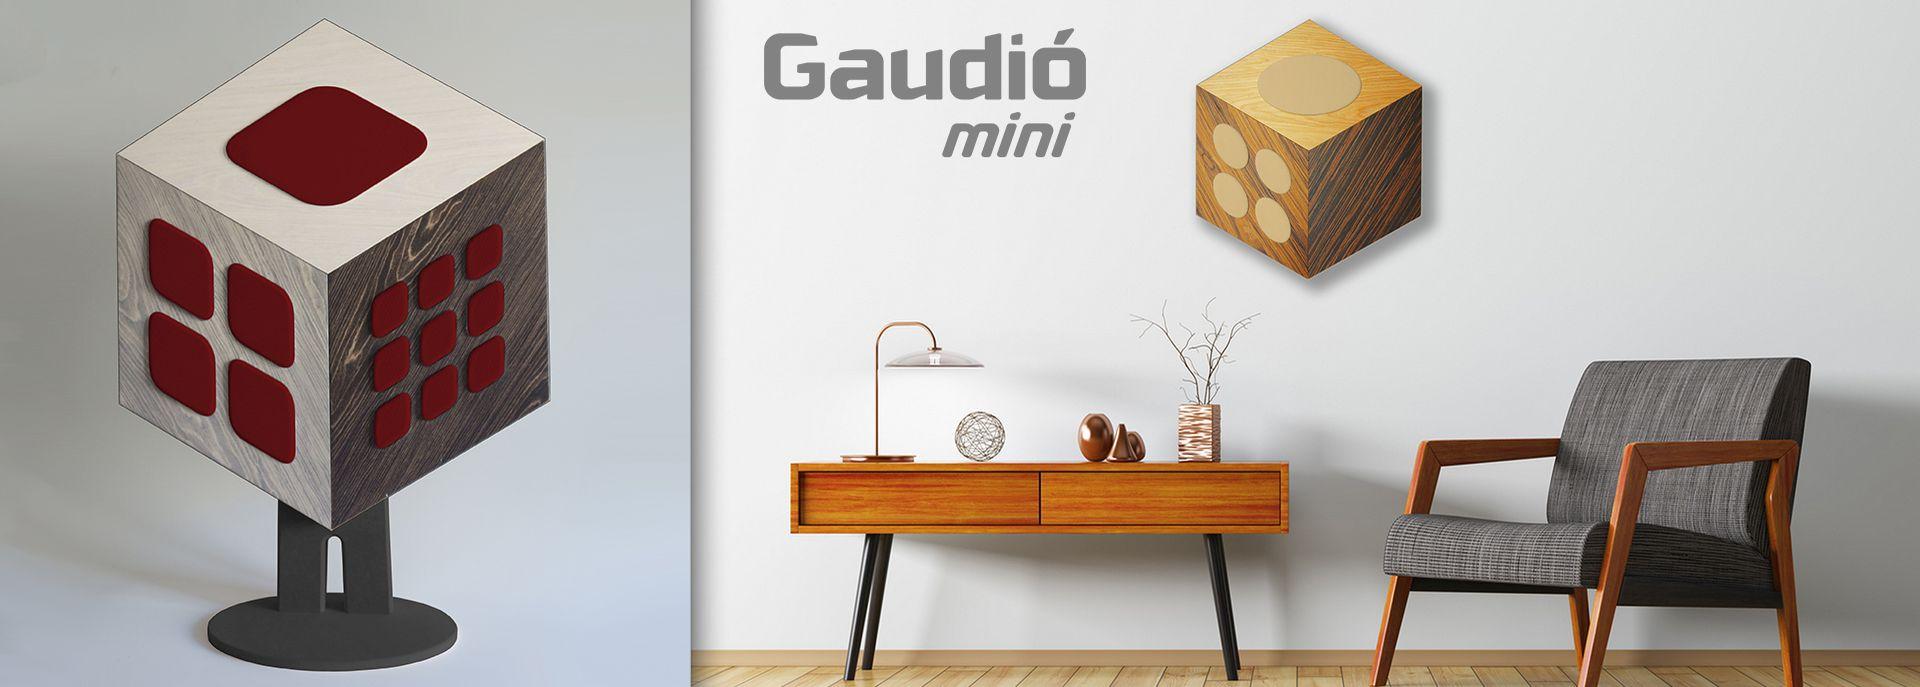 Gaudió mini